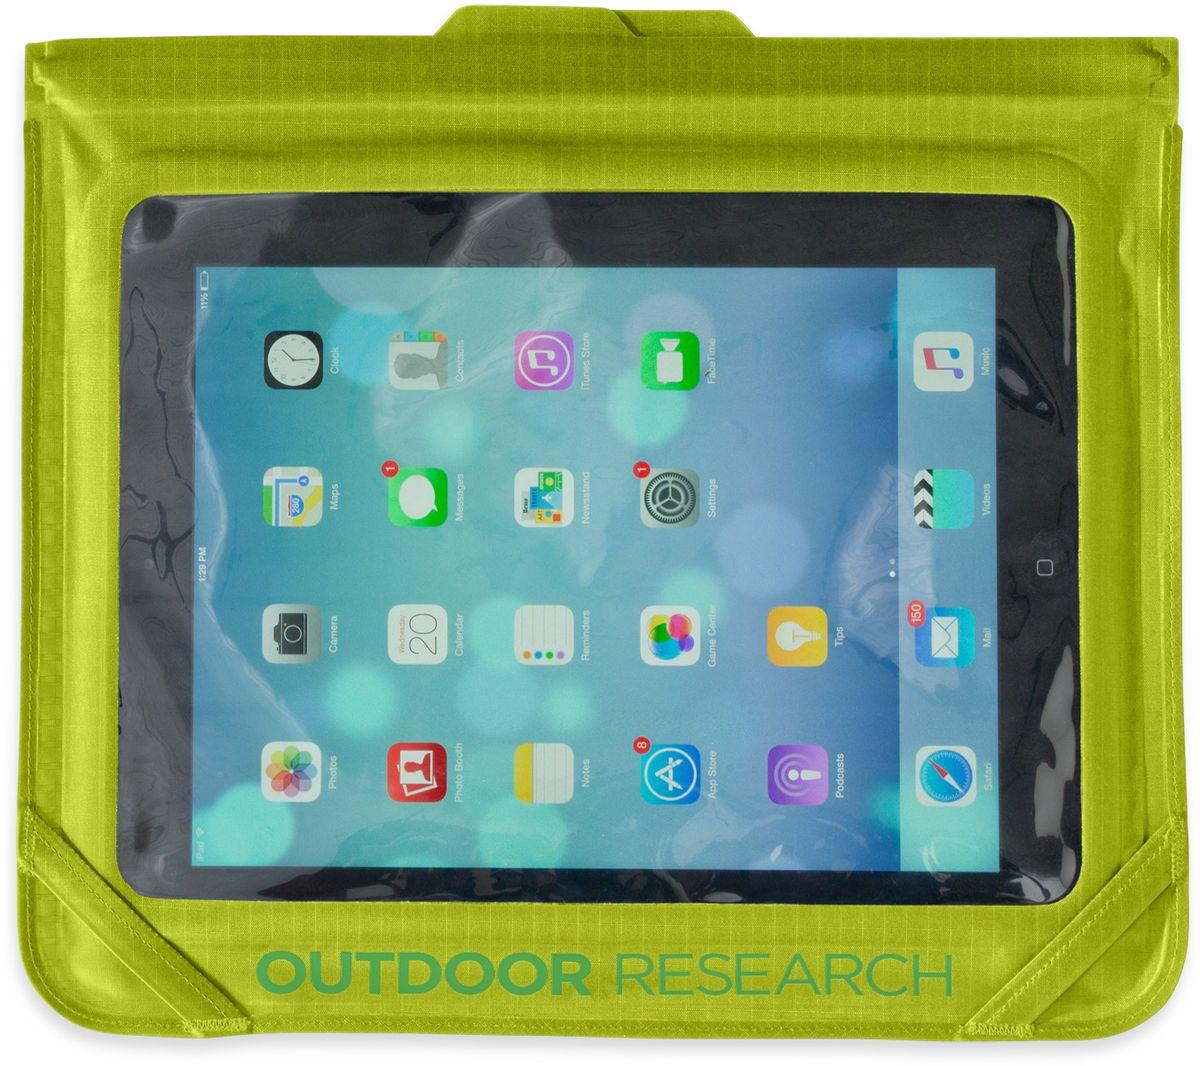 Гермочехол для планшета Outdoor Research Sensor Dry Envelope Medium, цвет: зеленый2501590489Полностью непромокаемый гермочехол для iPad Outdoor Research сохранит ваше электронное устройство от попадания влаги. Сенсорный экран позволяет пользоваться планшетом в любых экстремальных условиях. Чехол имеет герметичную застежку.